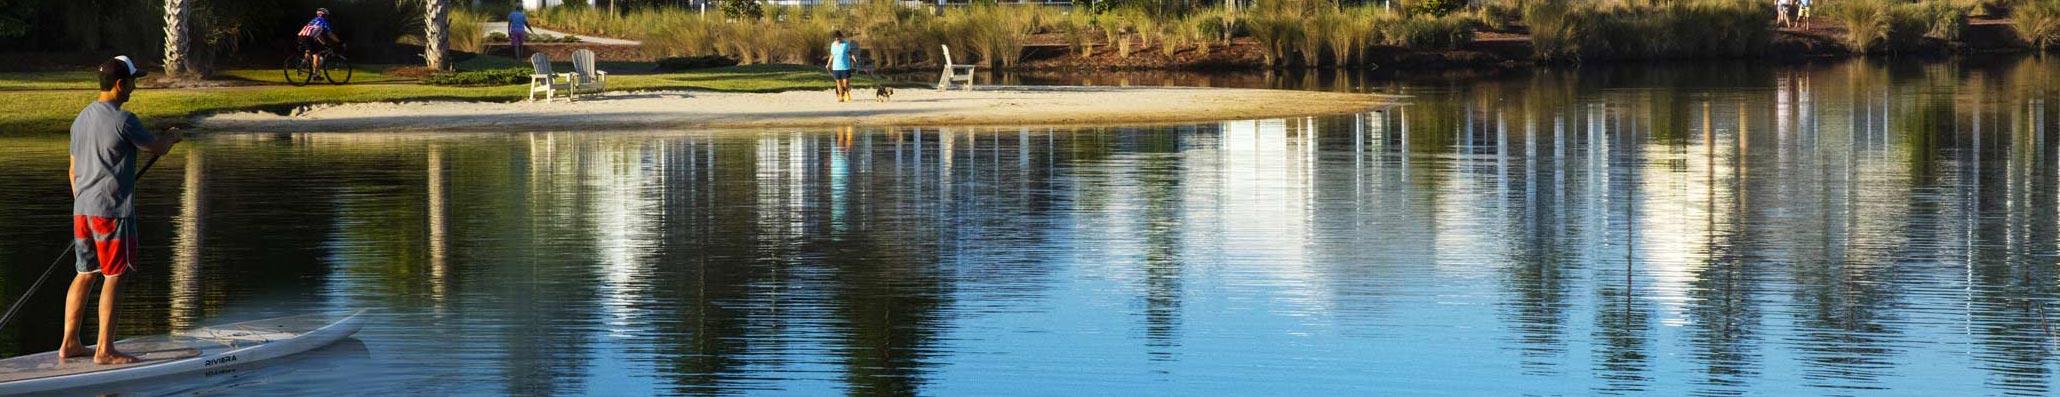 amenities_hammock-lake_longer